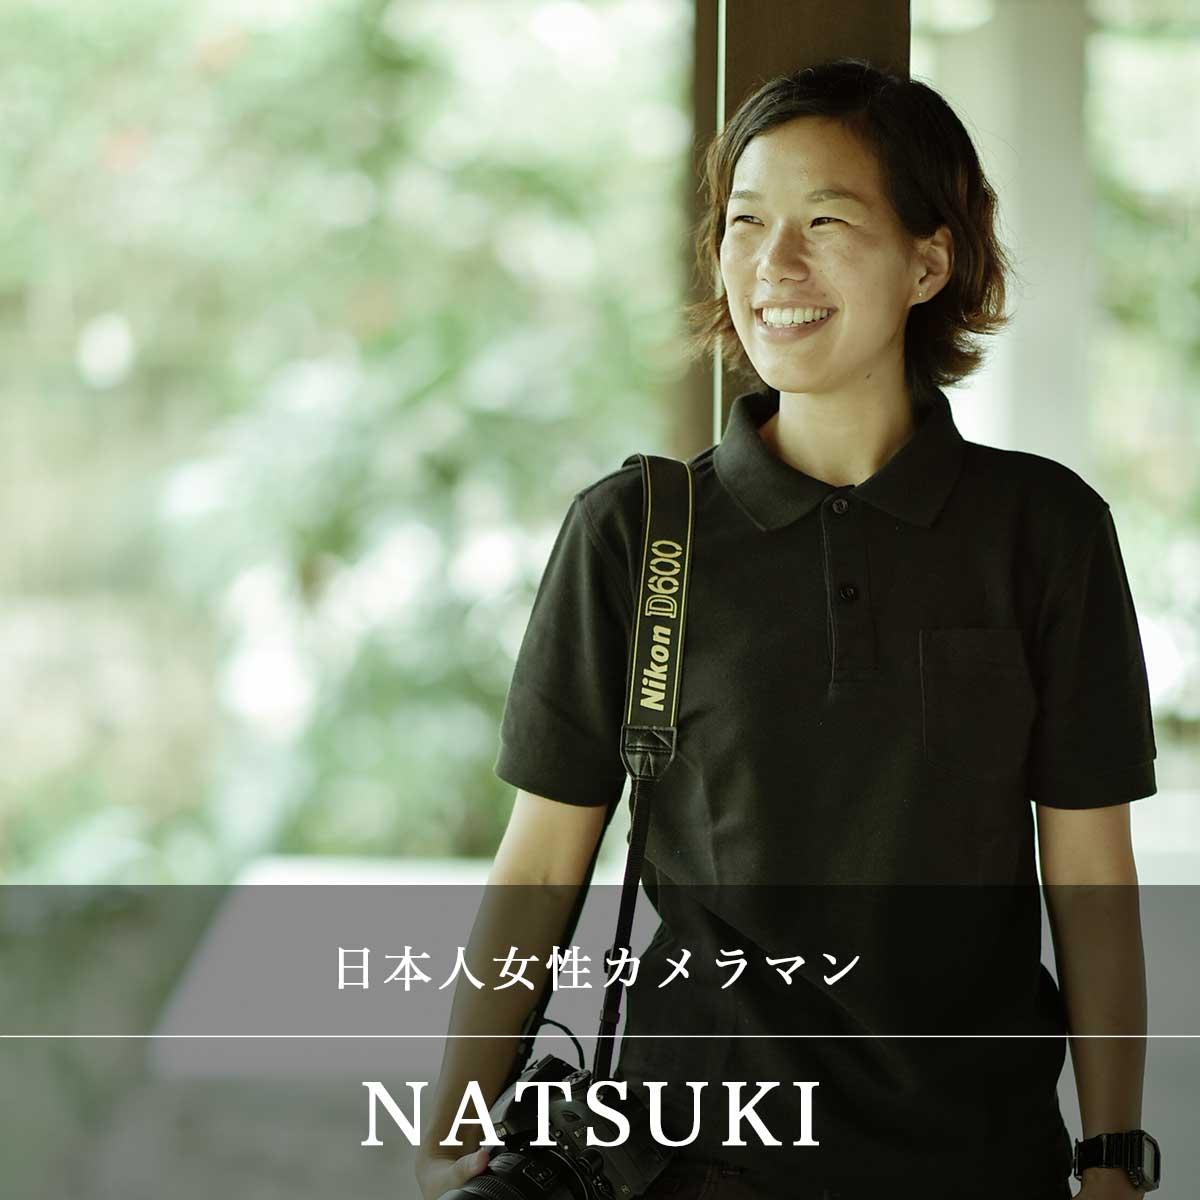 バリ島日本人女性カメラマン ナツキ